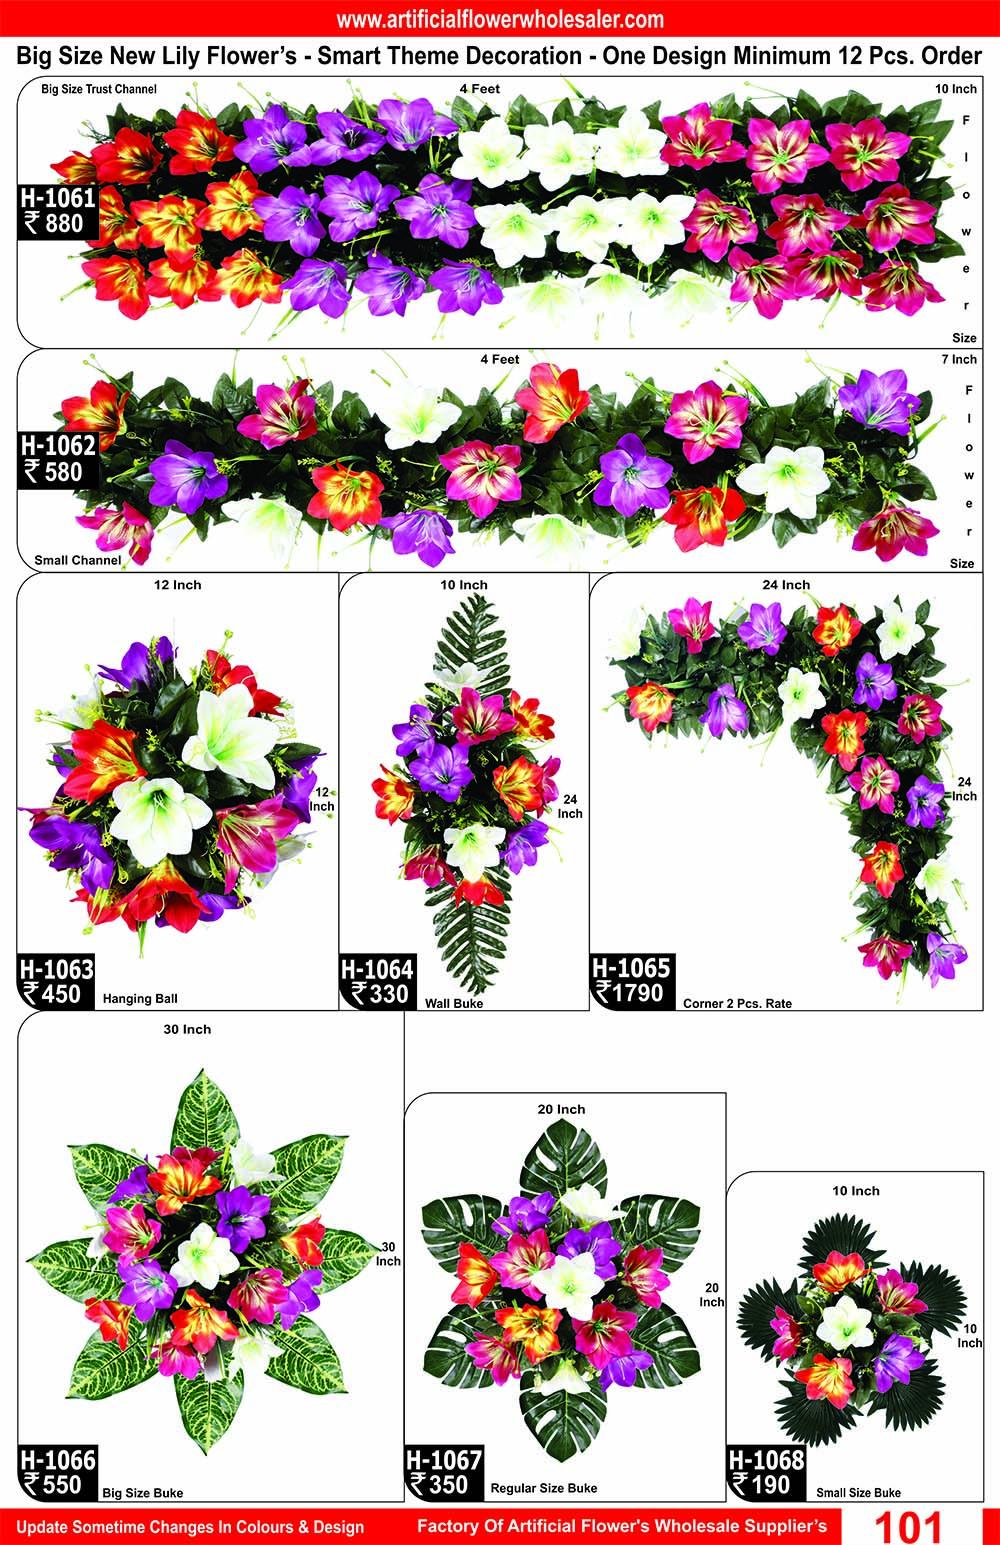 101-artificial-flower-wholesaler